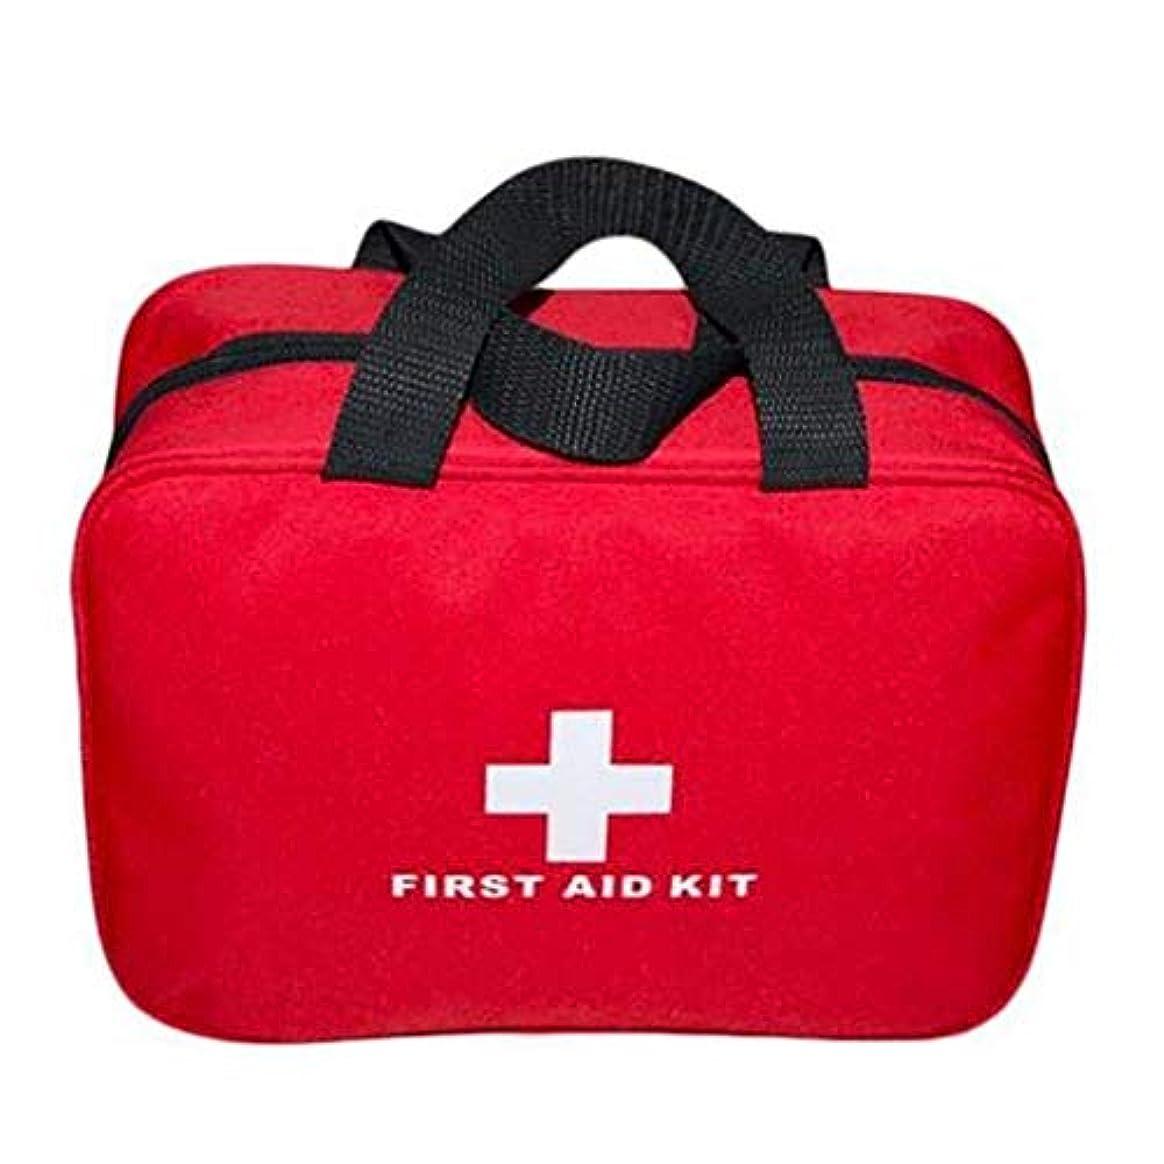 境界修理工土曜日Yxsd コンパートメントが付いている救急箱の空袋、旅行緊急のパッケージの生存の袋、医学の貯蔵袋の箱